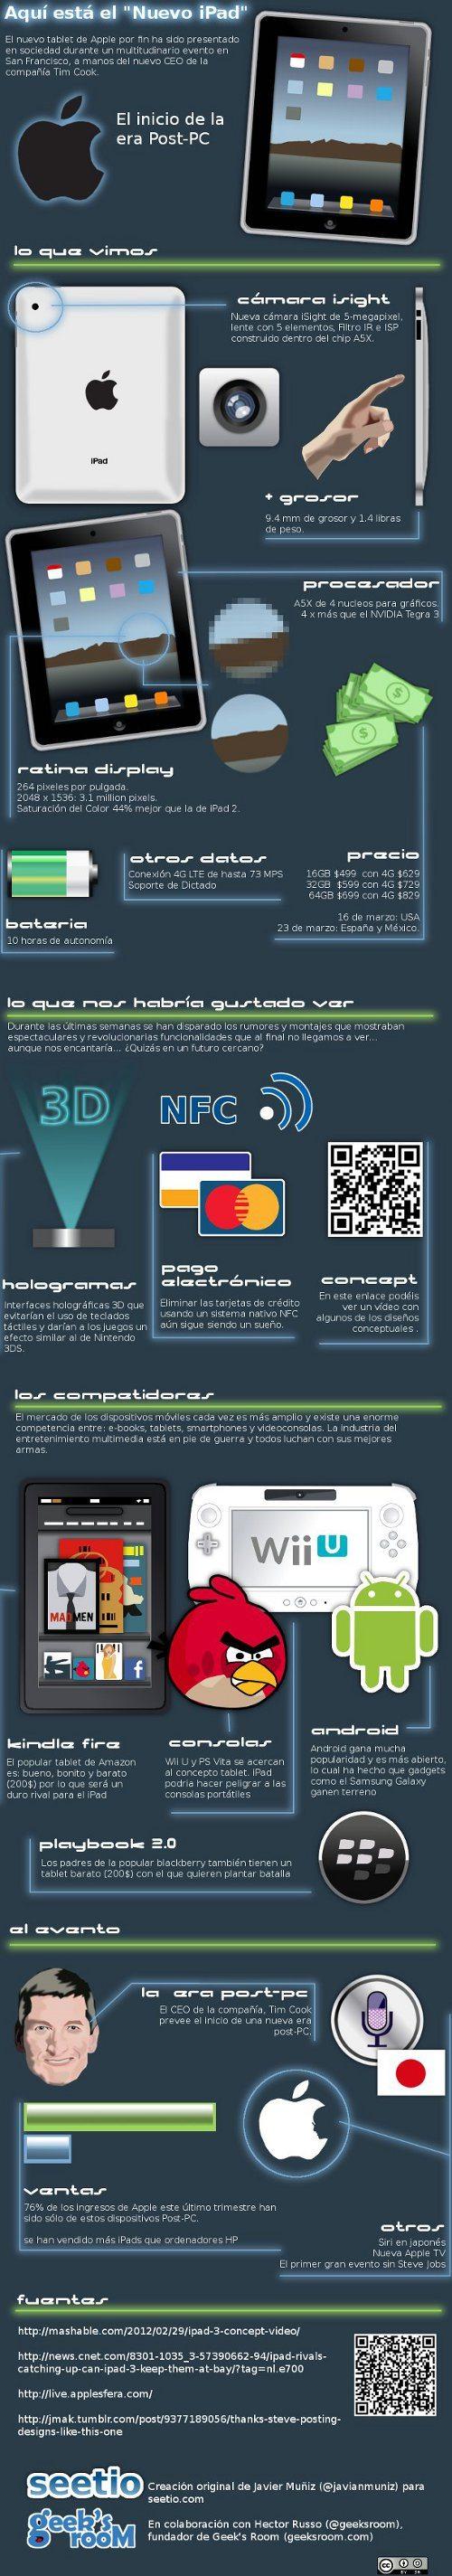 Una infografía en español sobre el nuevo iPad